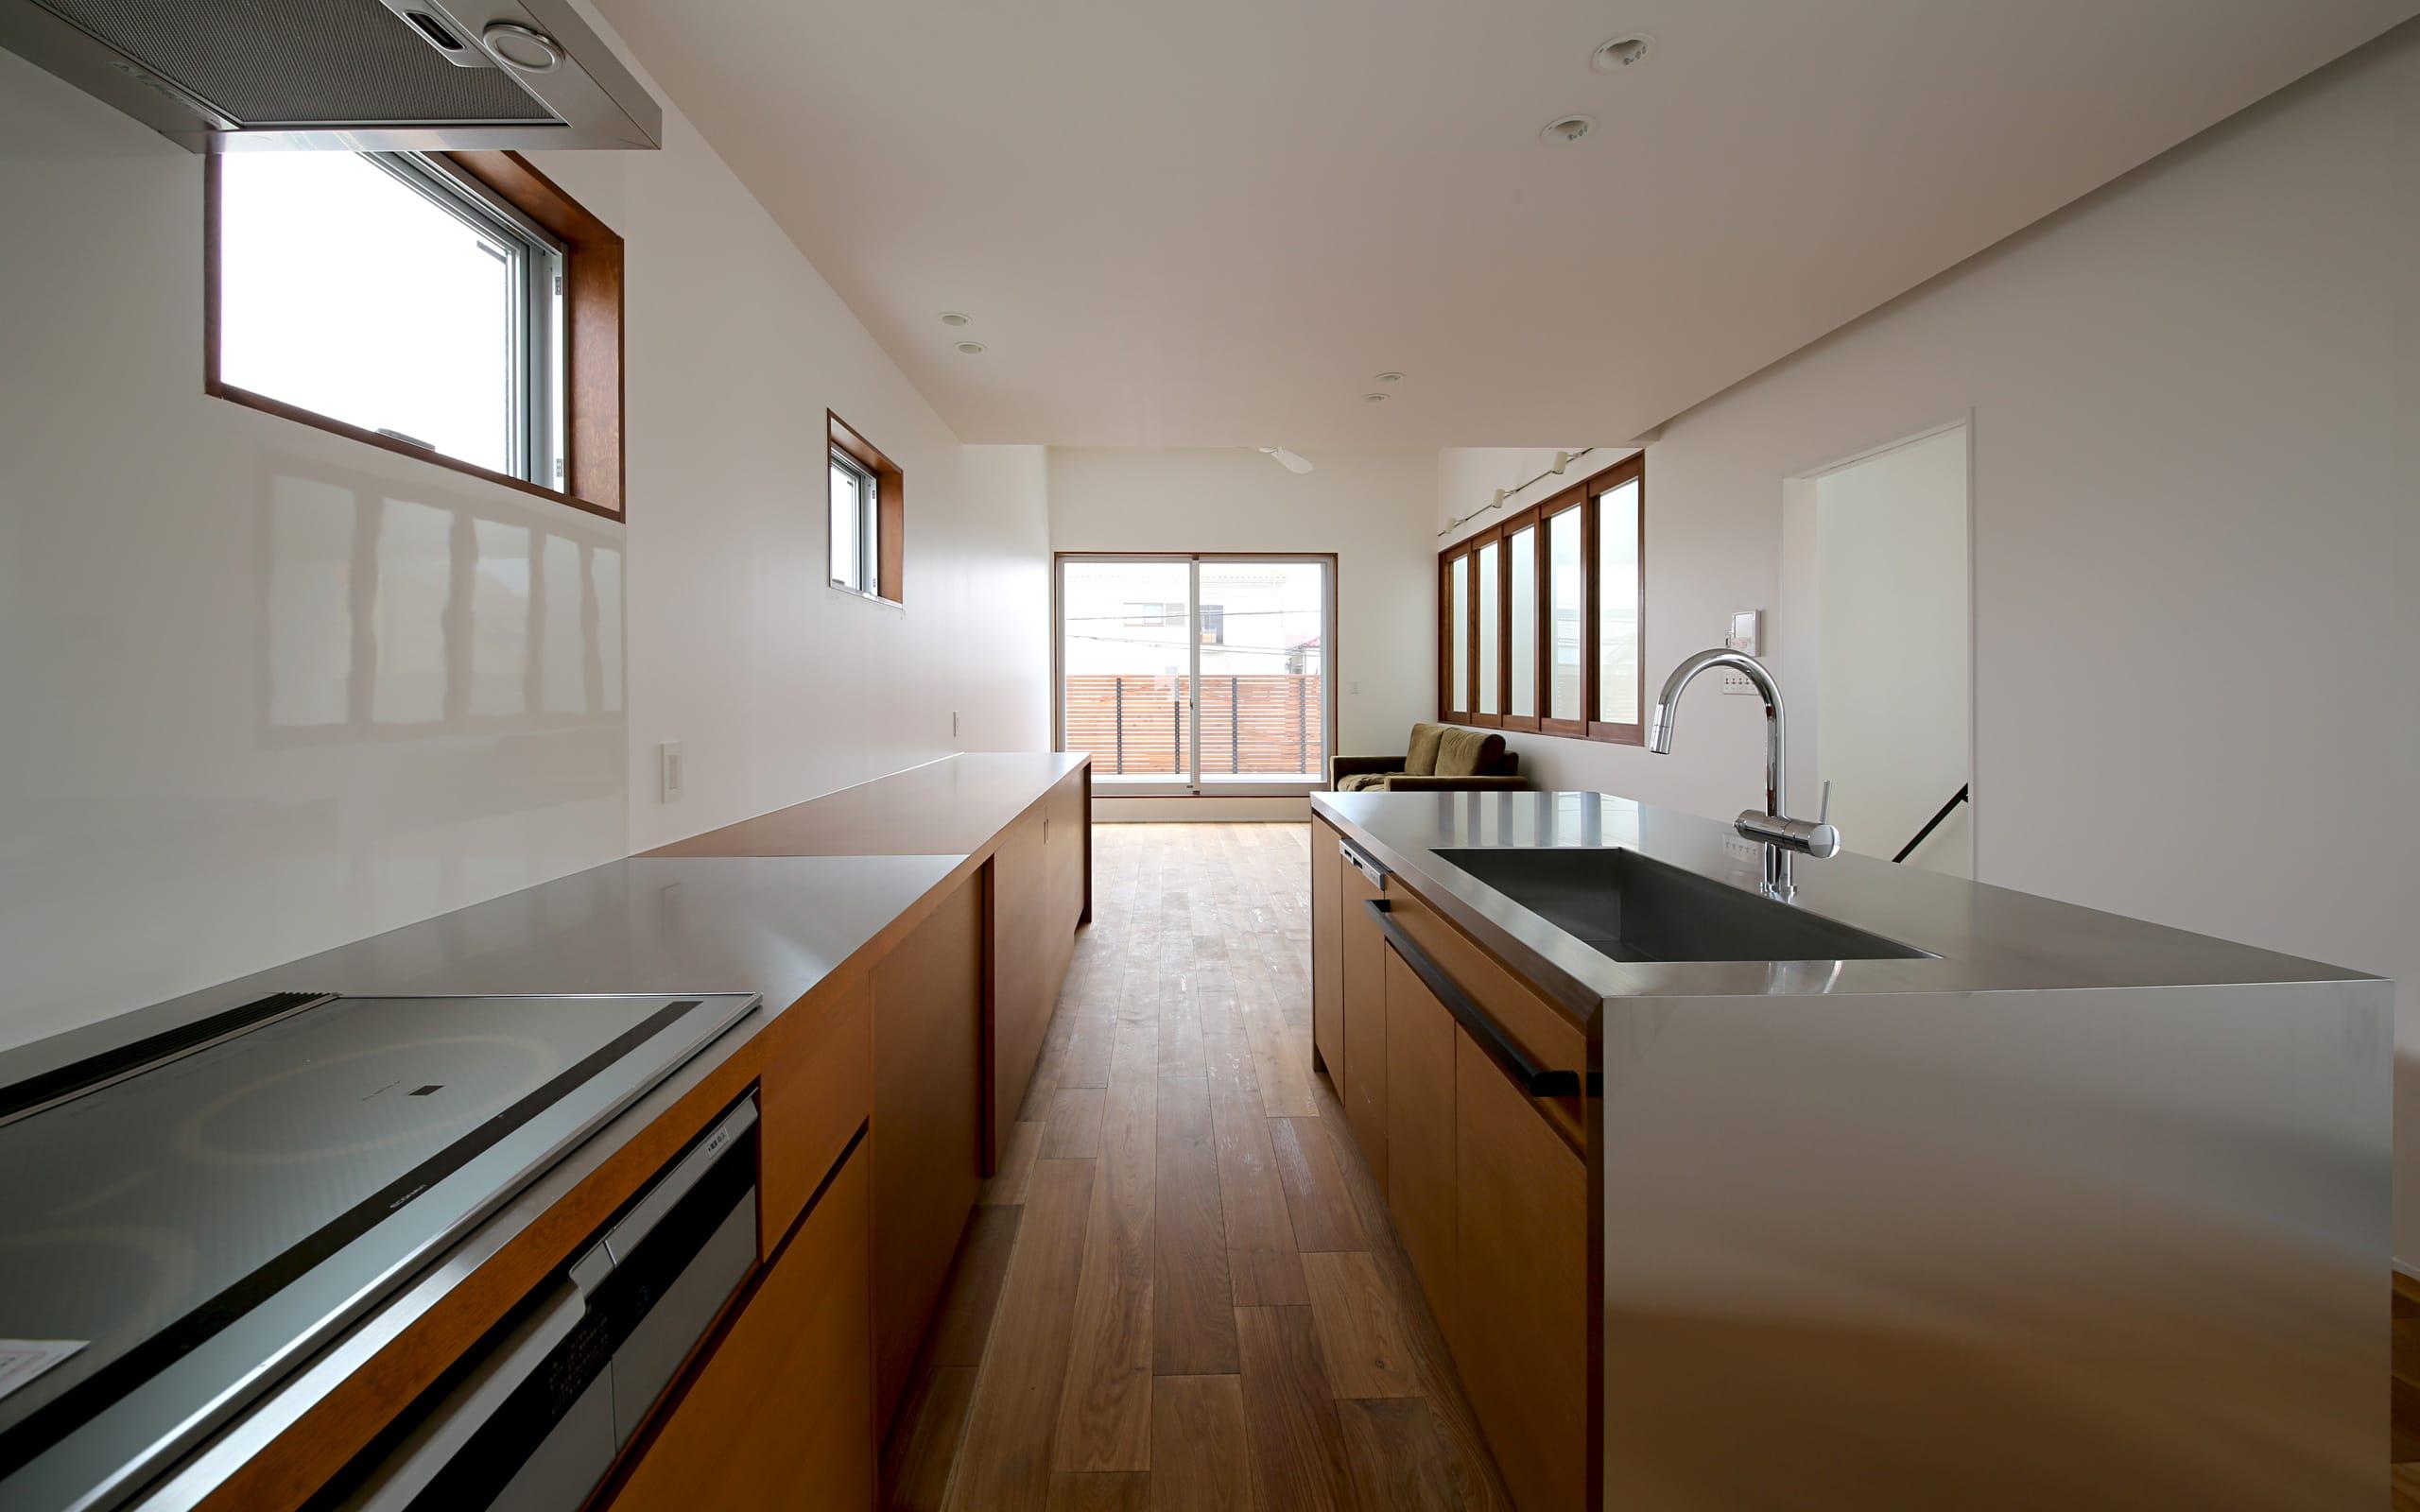 シンプルヴィンテージハウスのキッチン1